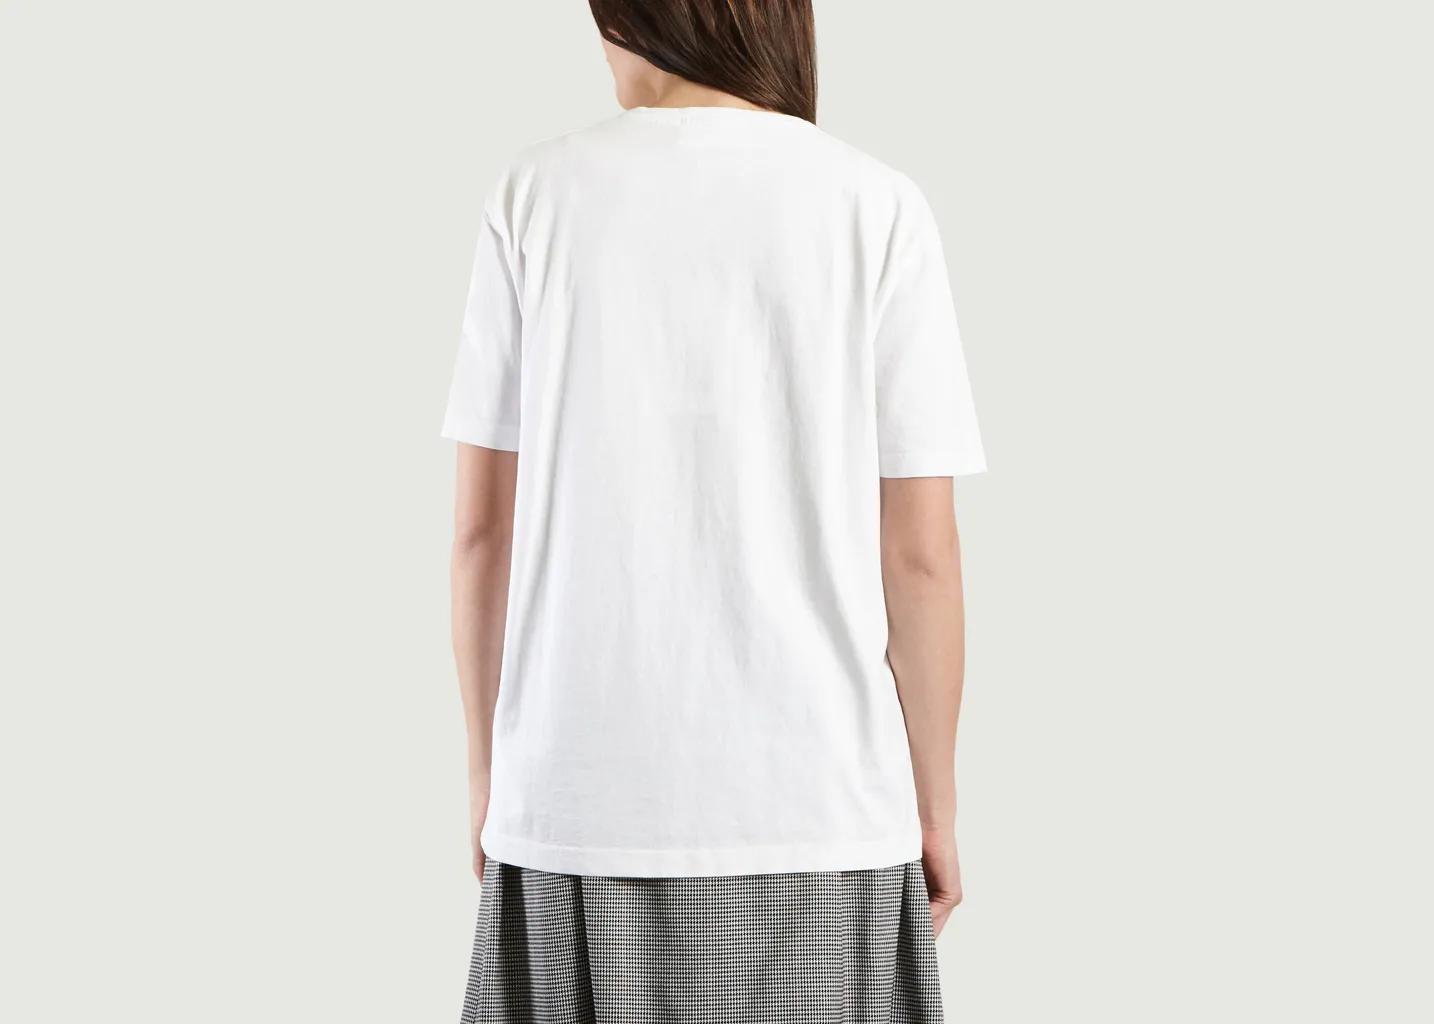 Camiseta Exia Street de manga corta de algodón blanco American Vintage de Denim de color Blanco